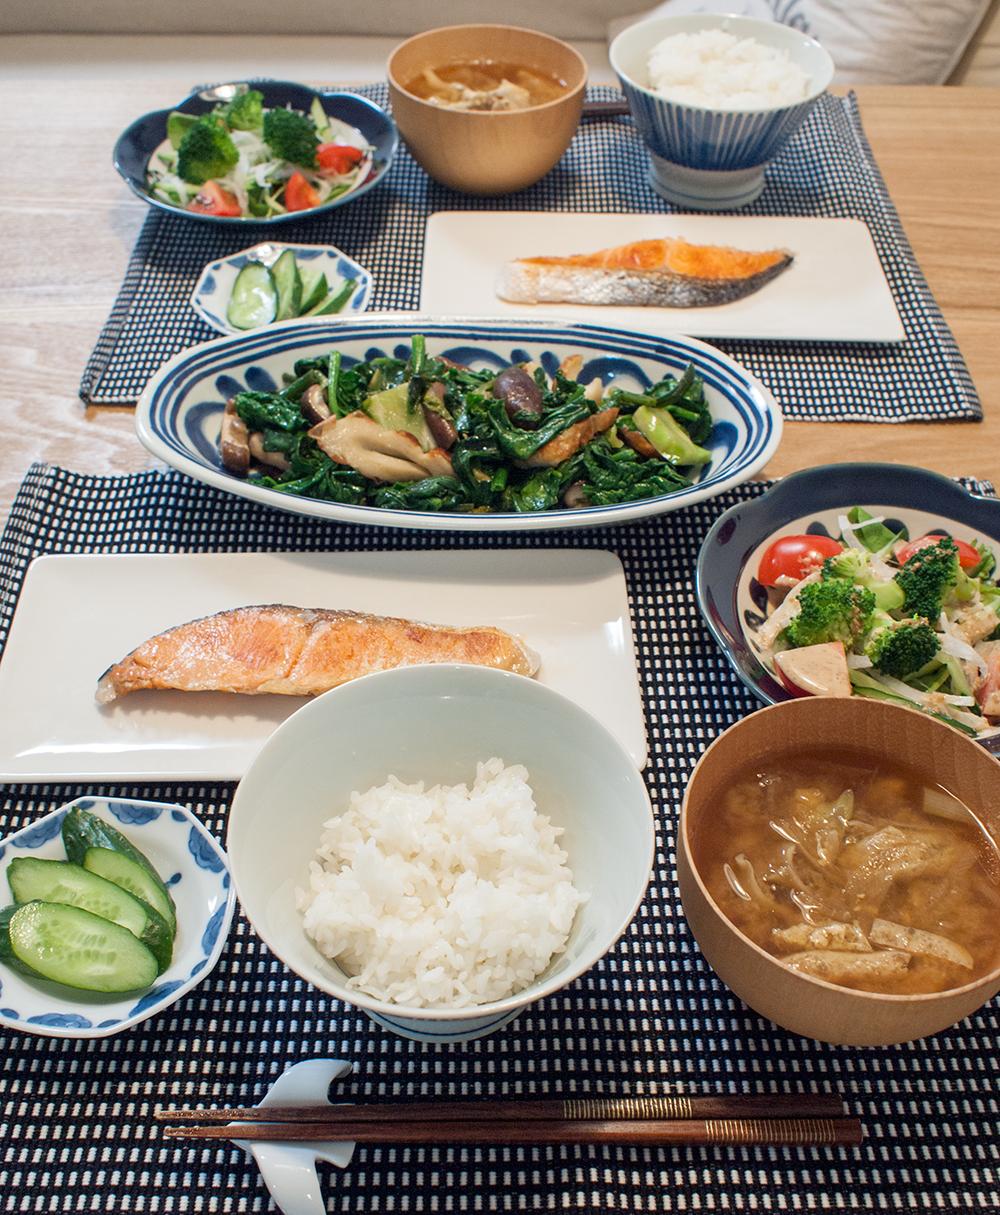 焼き鮭とほうれん草炒めがメインの食卓